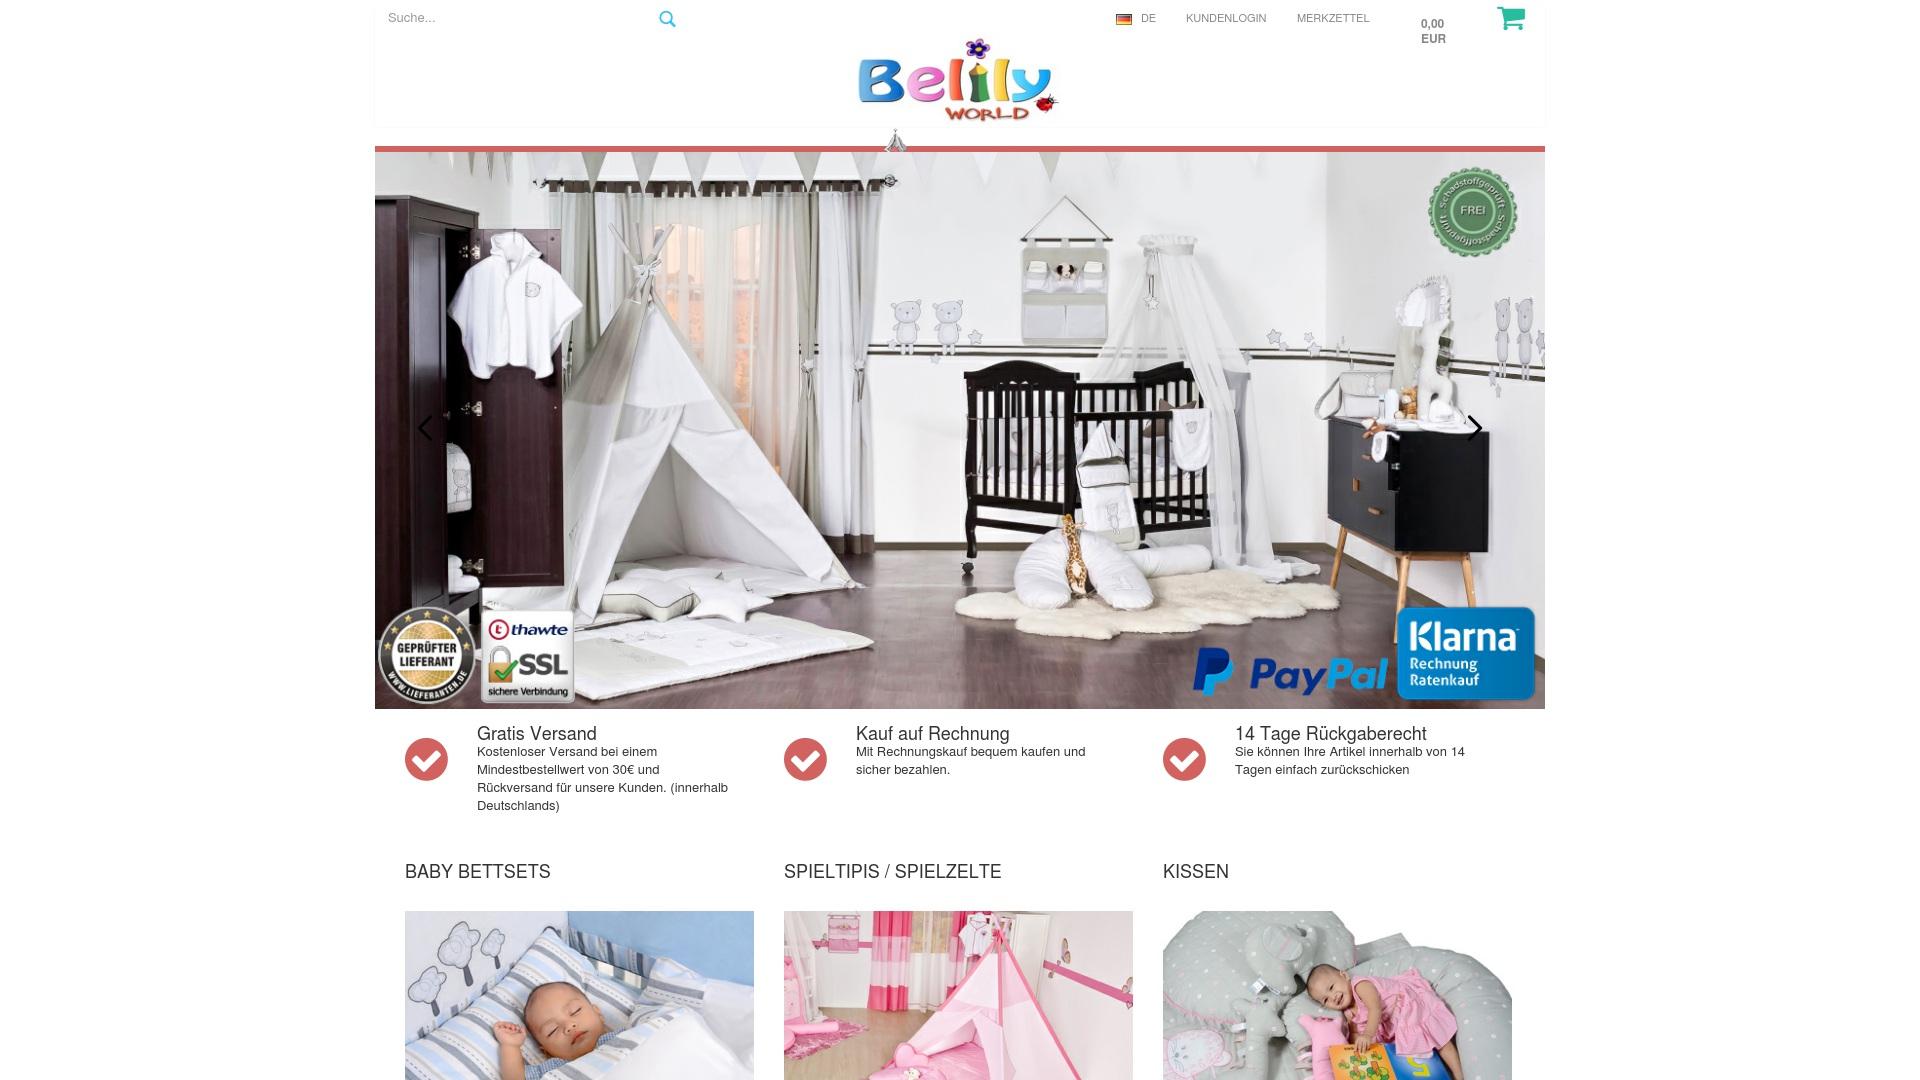 Gutschein für Belily-world: Rabatte für  Belily-world sichern